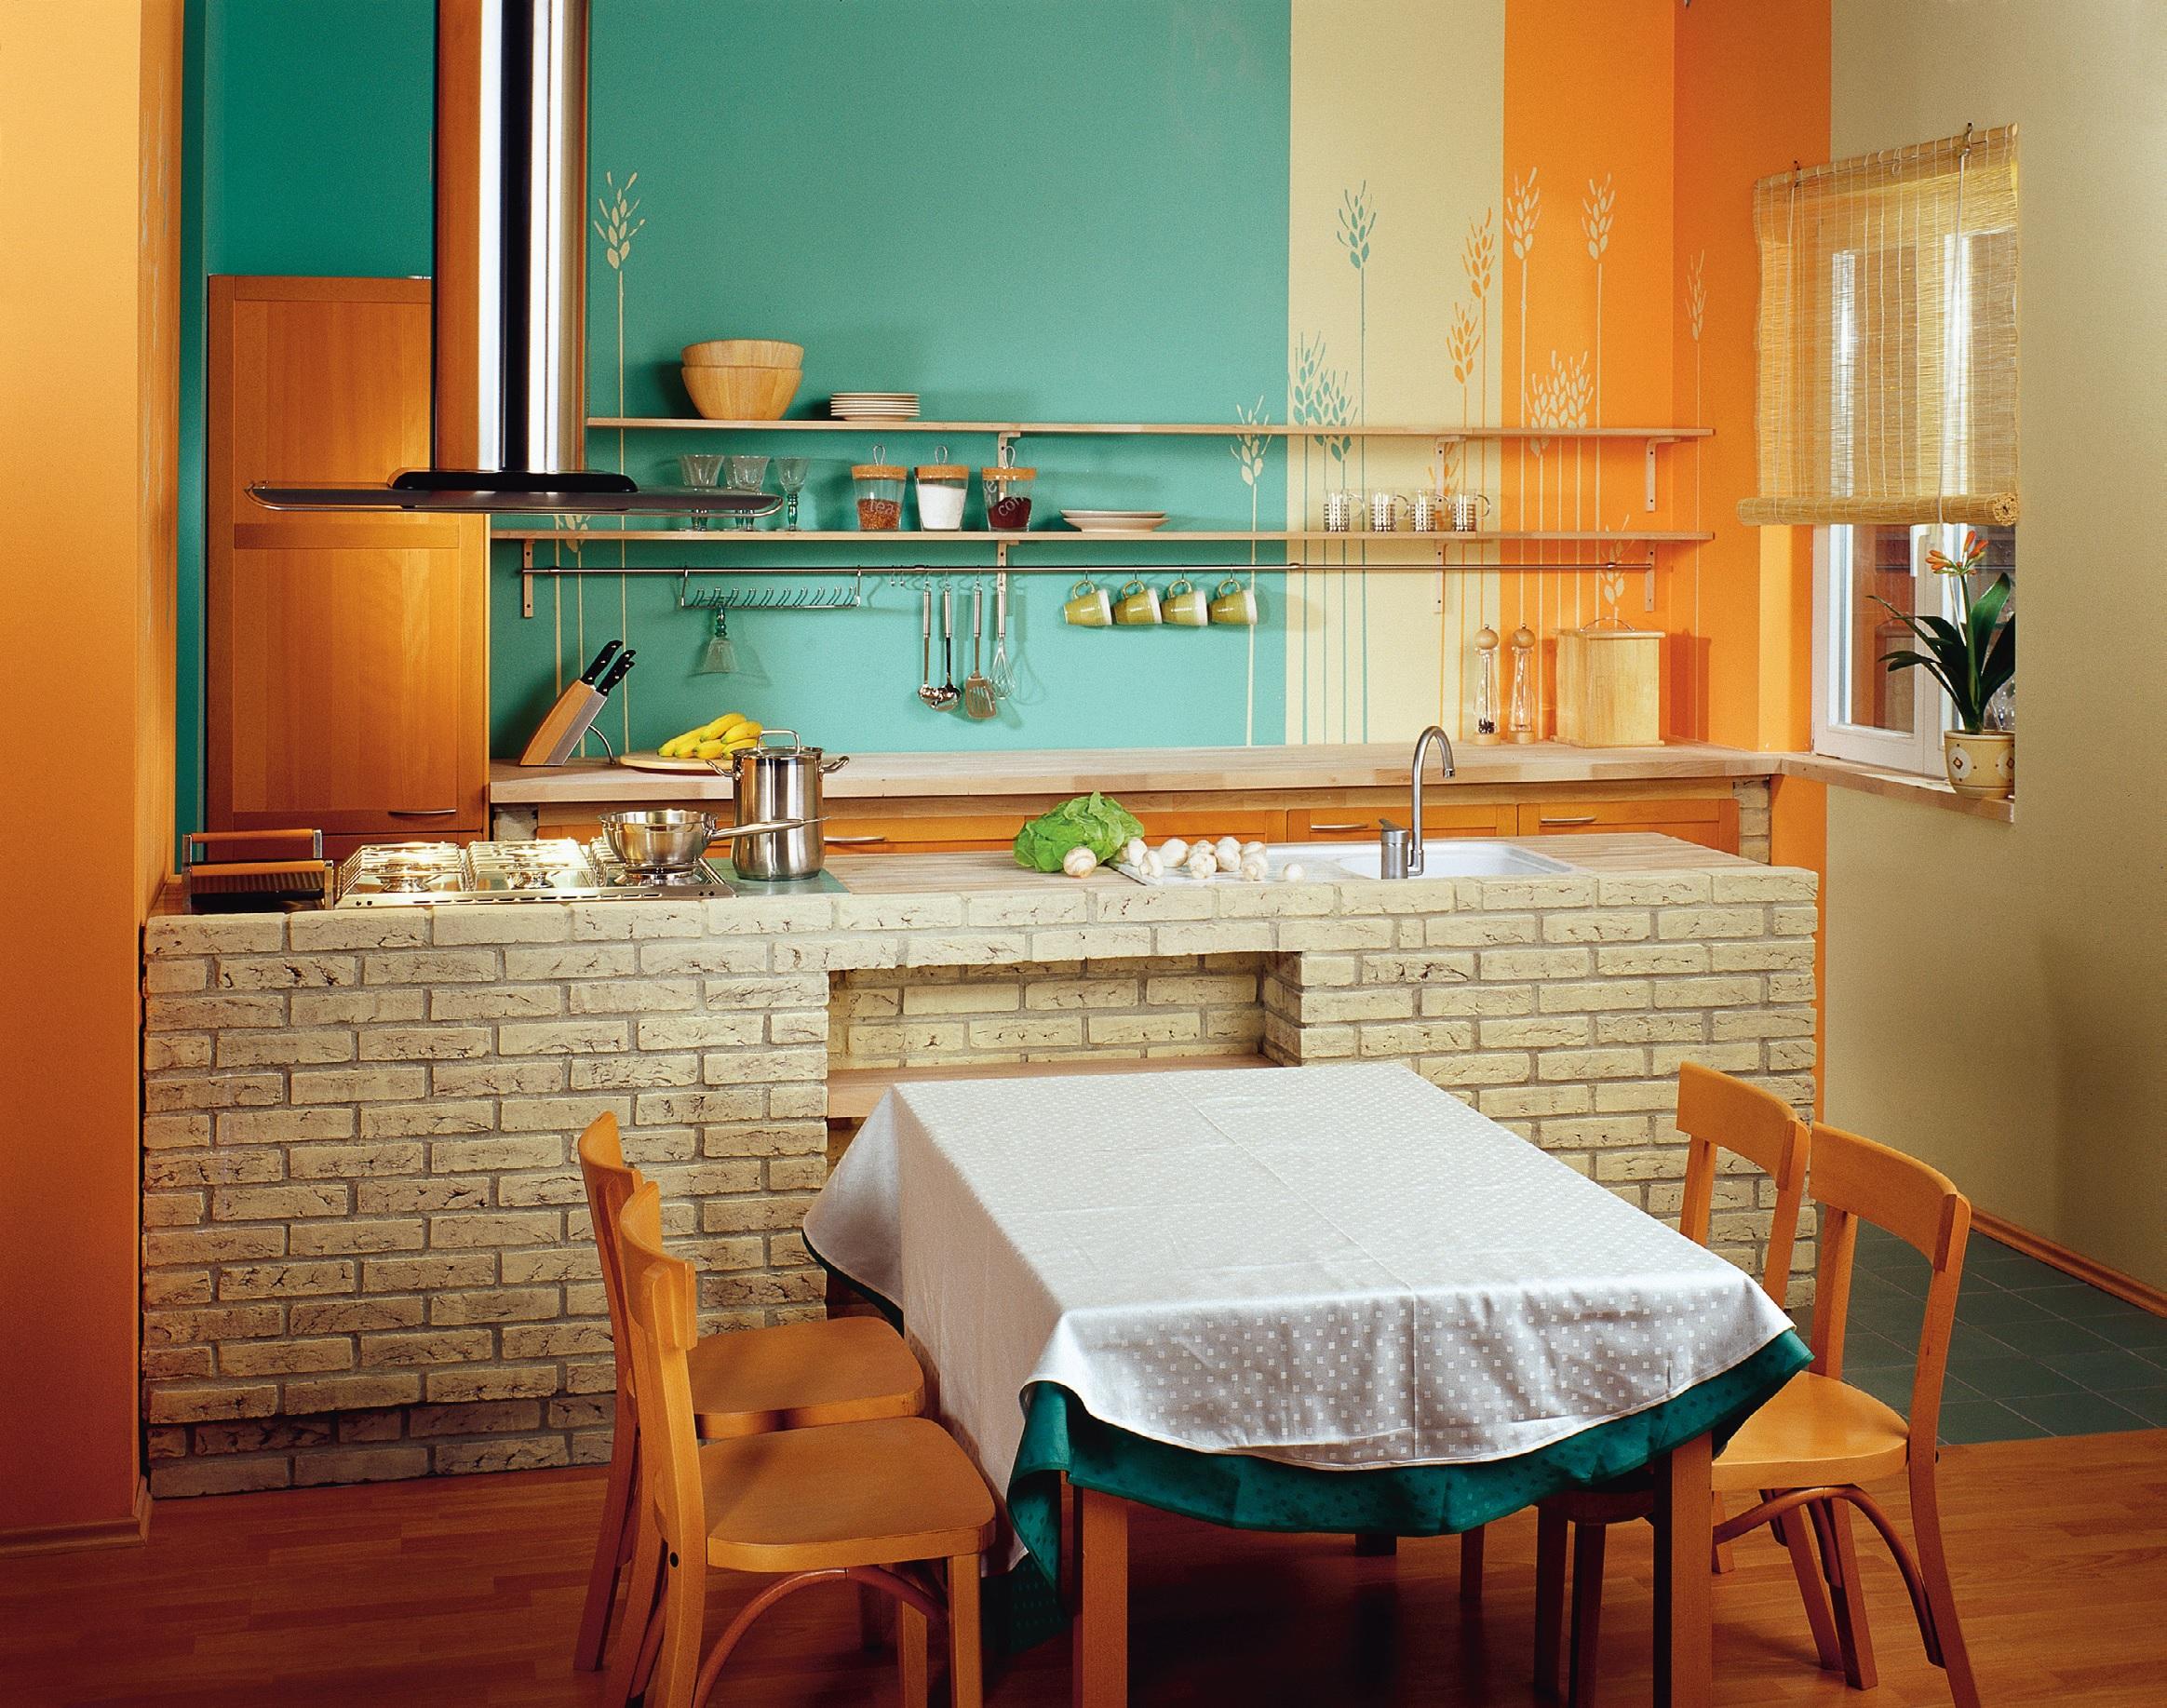 Murowana kuchnia  Zdjęcie  Zrobiszsam pl -> Kuchnia Kaflowa Krok Po Kroku